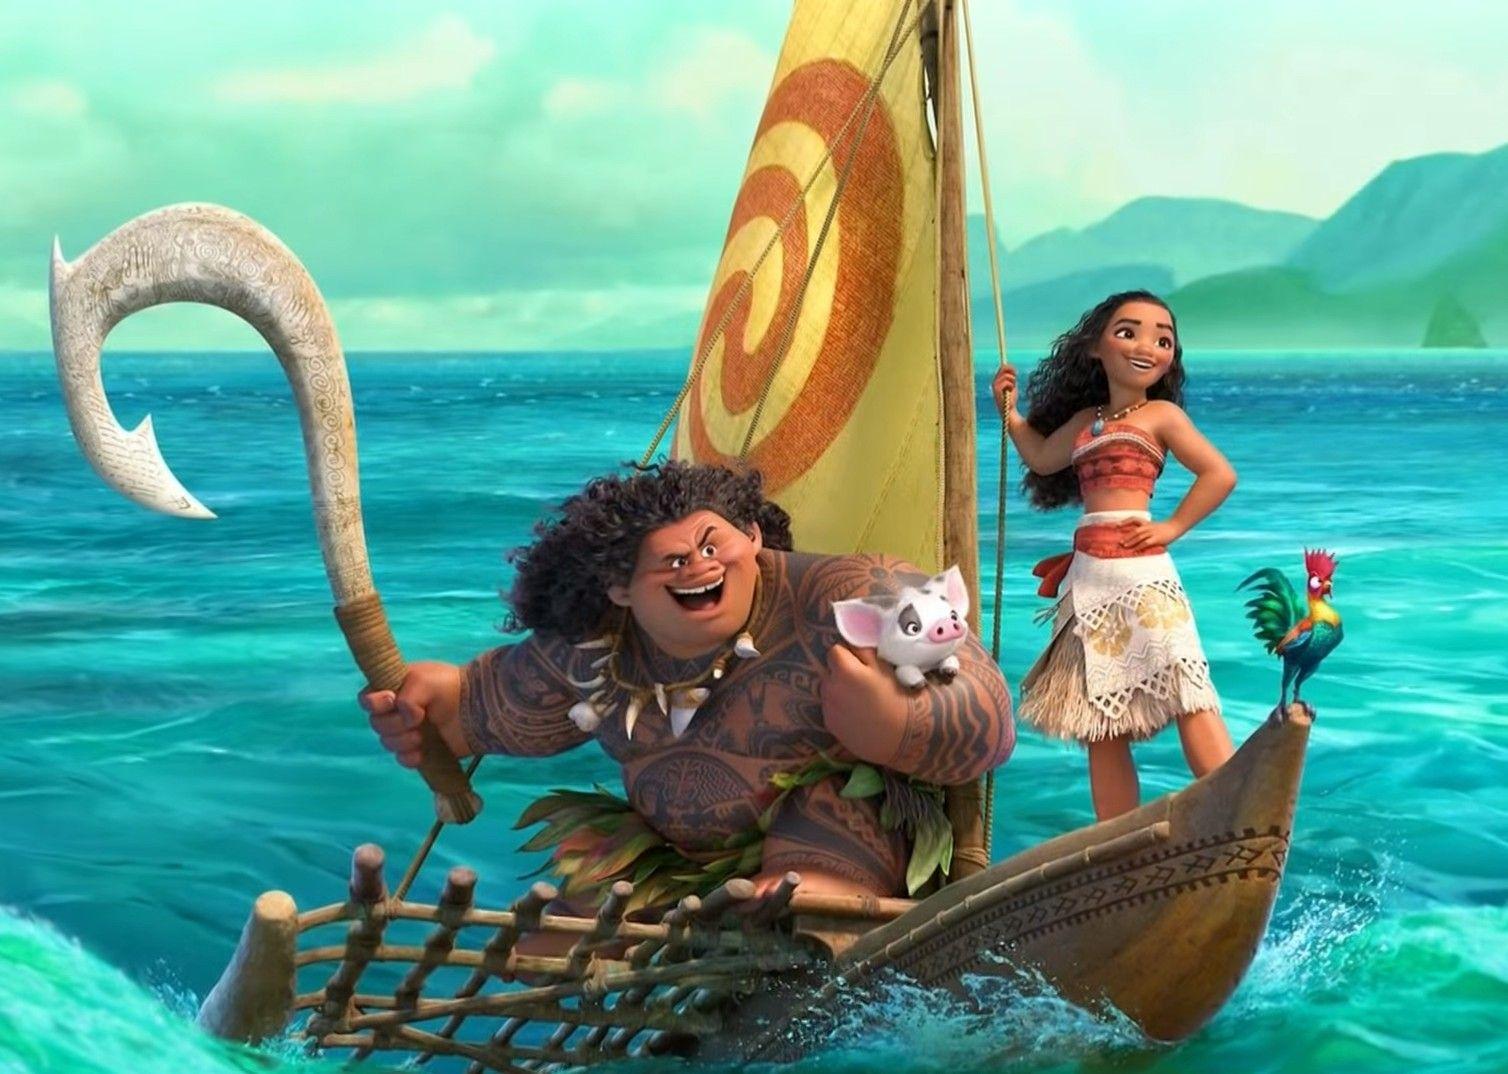 Vaiana Moana Primer Trailer Y Poster De Lo Nuevo De Disney Teaser De Piper De Pixar Peliculas Animadas De Disney Moana Disney Peliculas De Disney